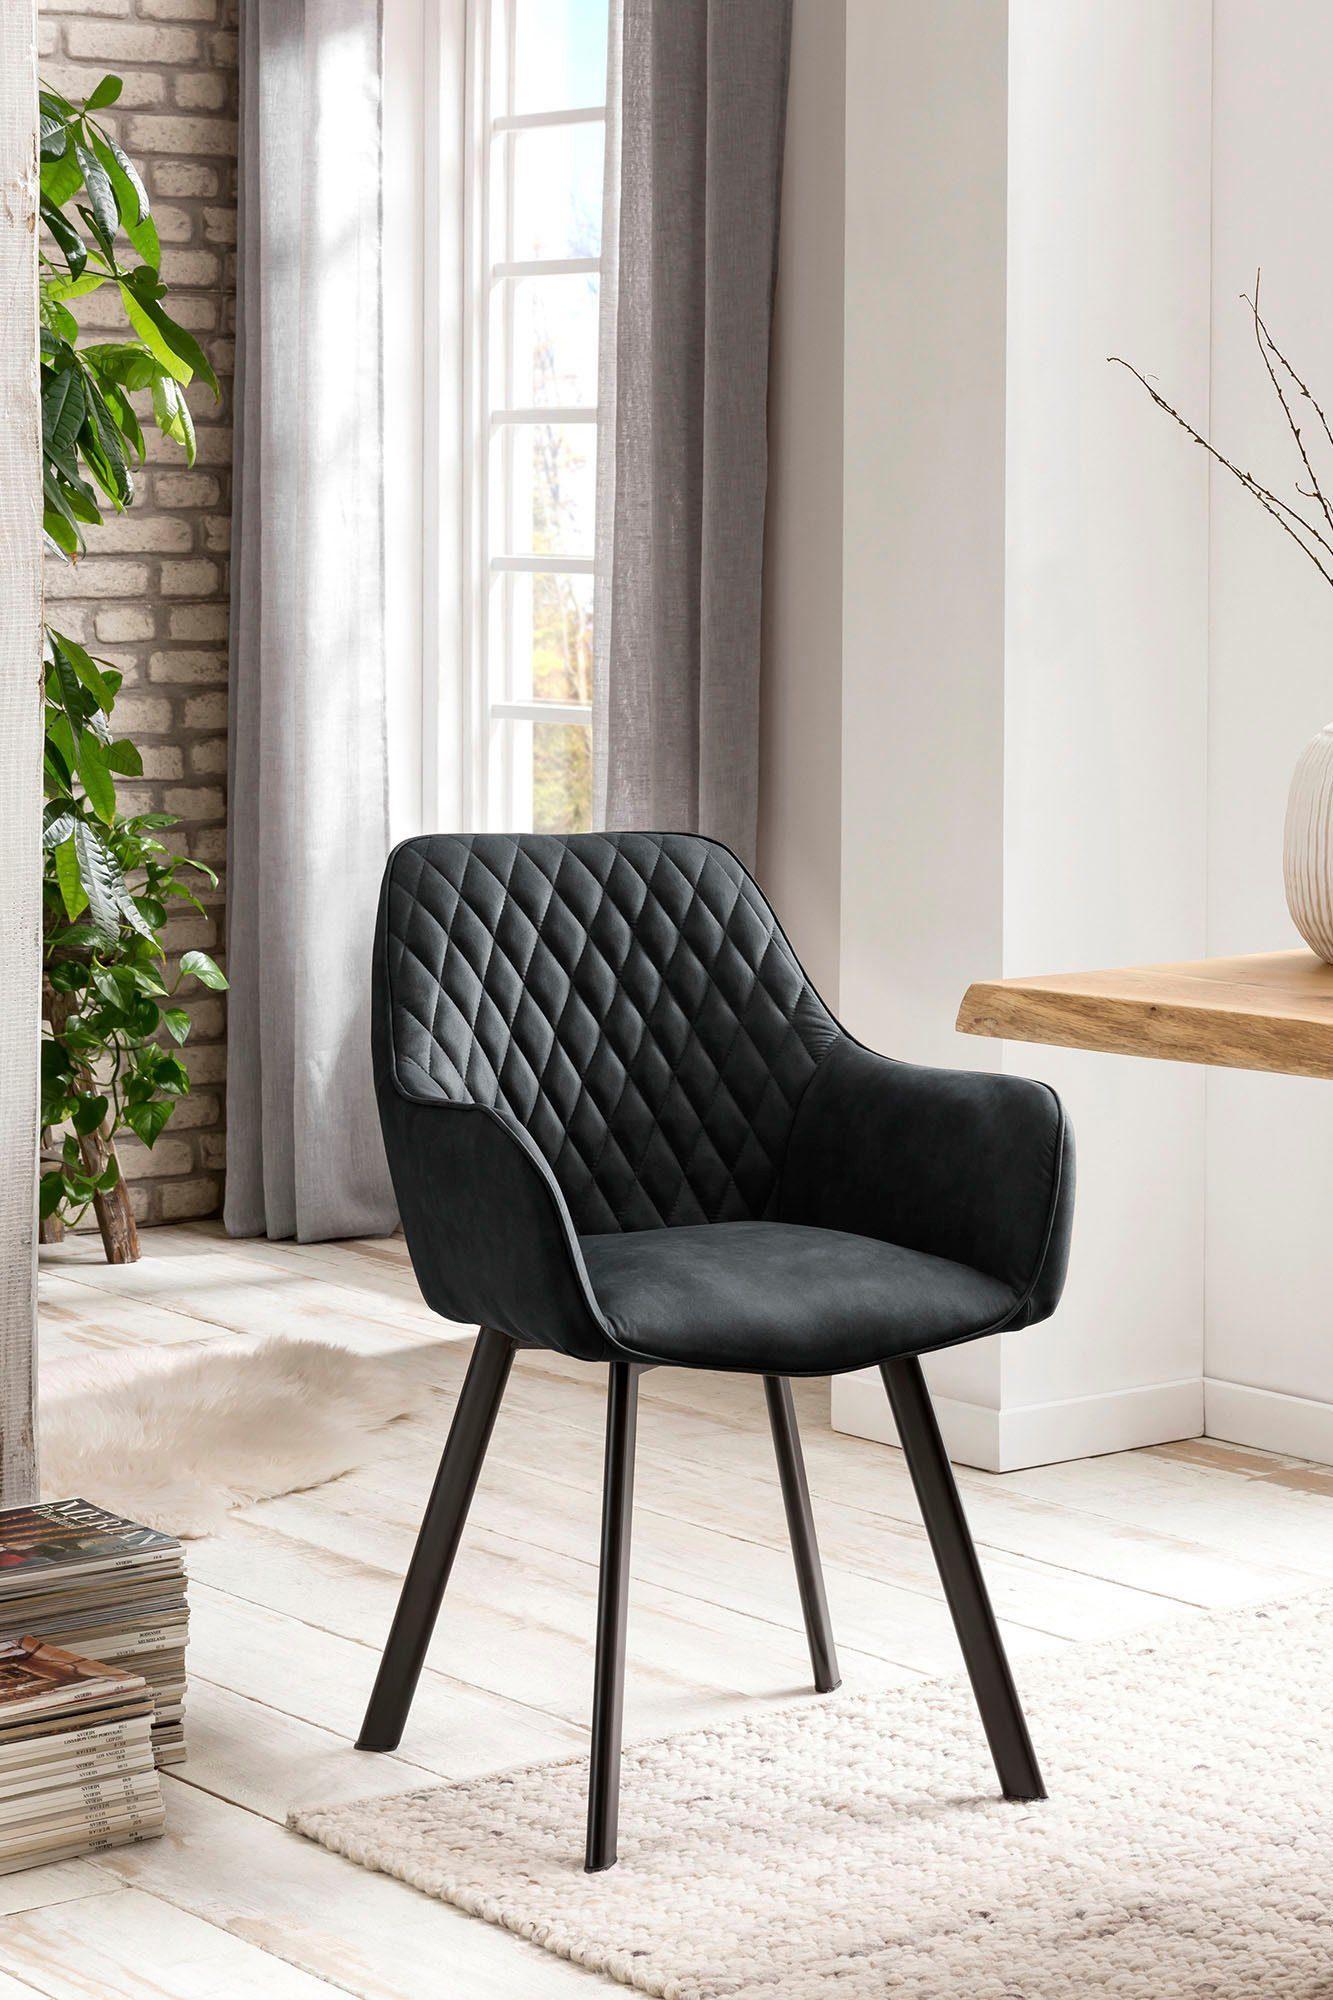 SalesFever Armlehnstuhl Rückenlehne mit Rautensteppung, im 2er Set online kaufen   OTTO